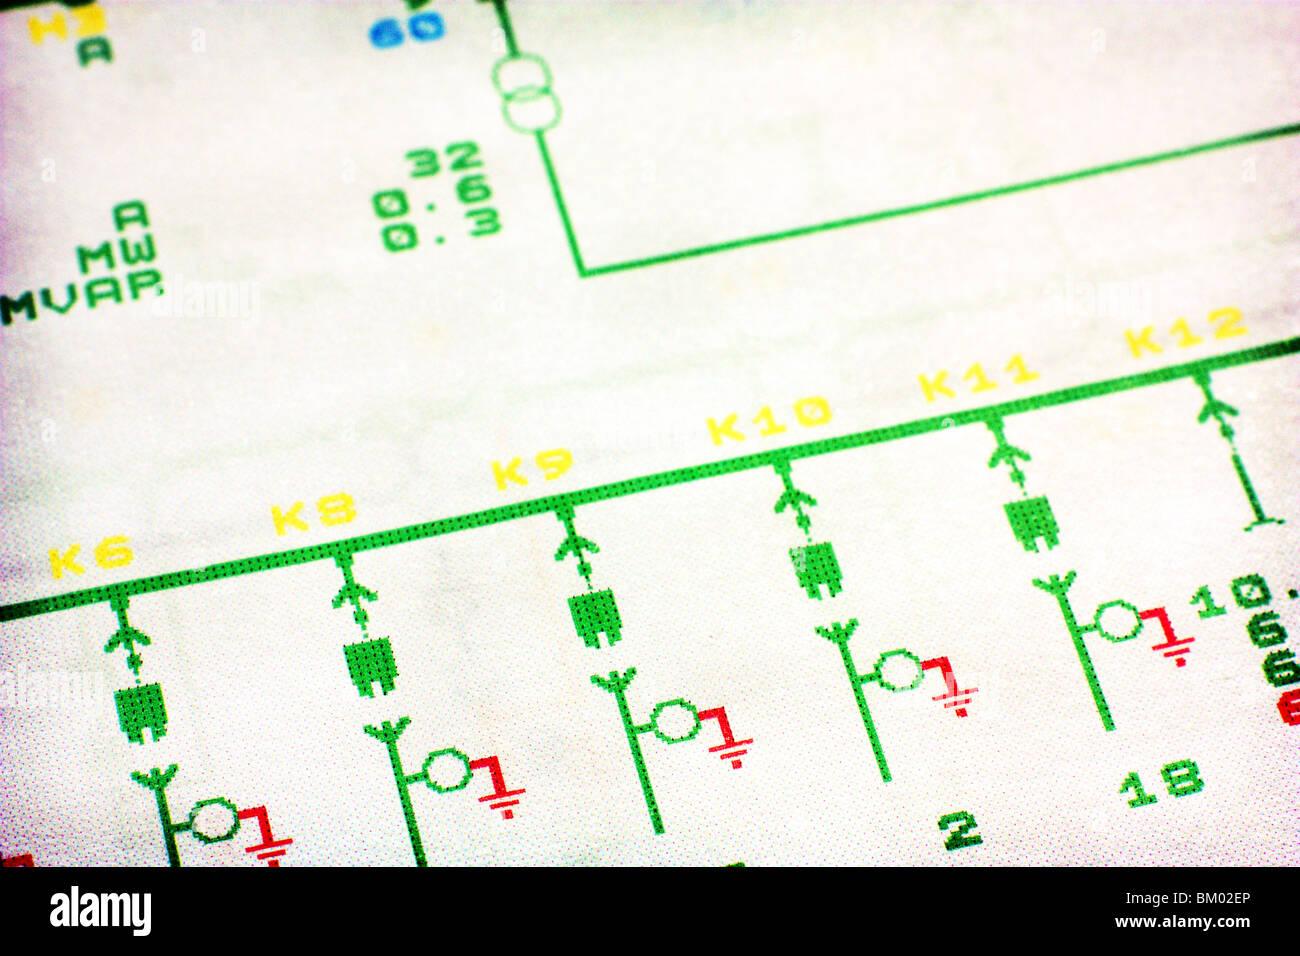 Schemi Elettrici Simboli : Gli schemi elettrici schema kv di tensione del trasformatore di